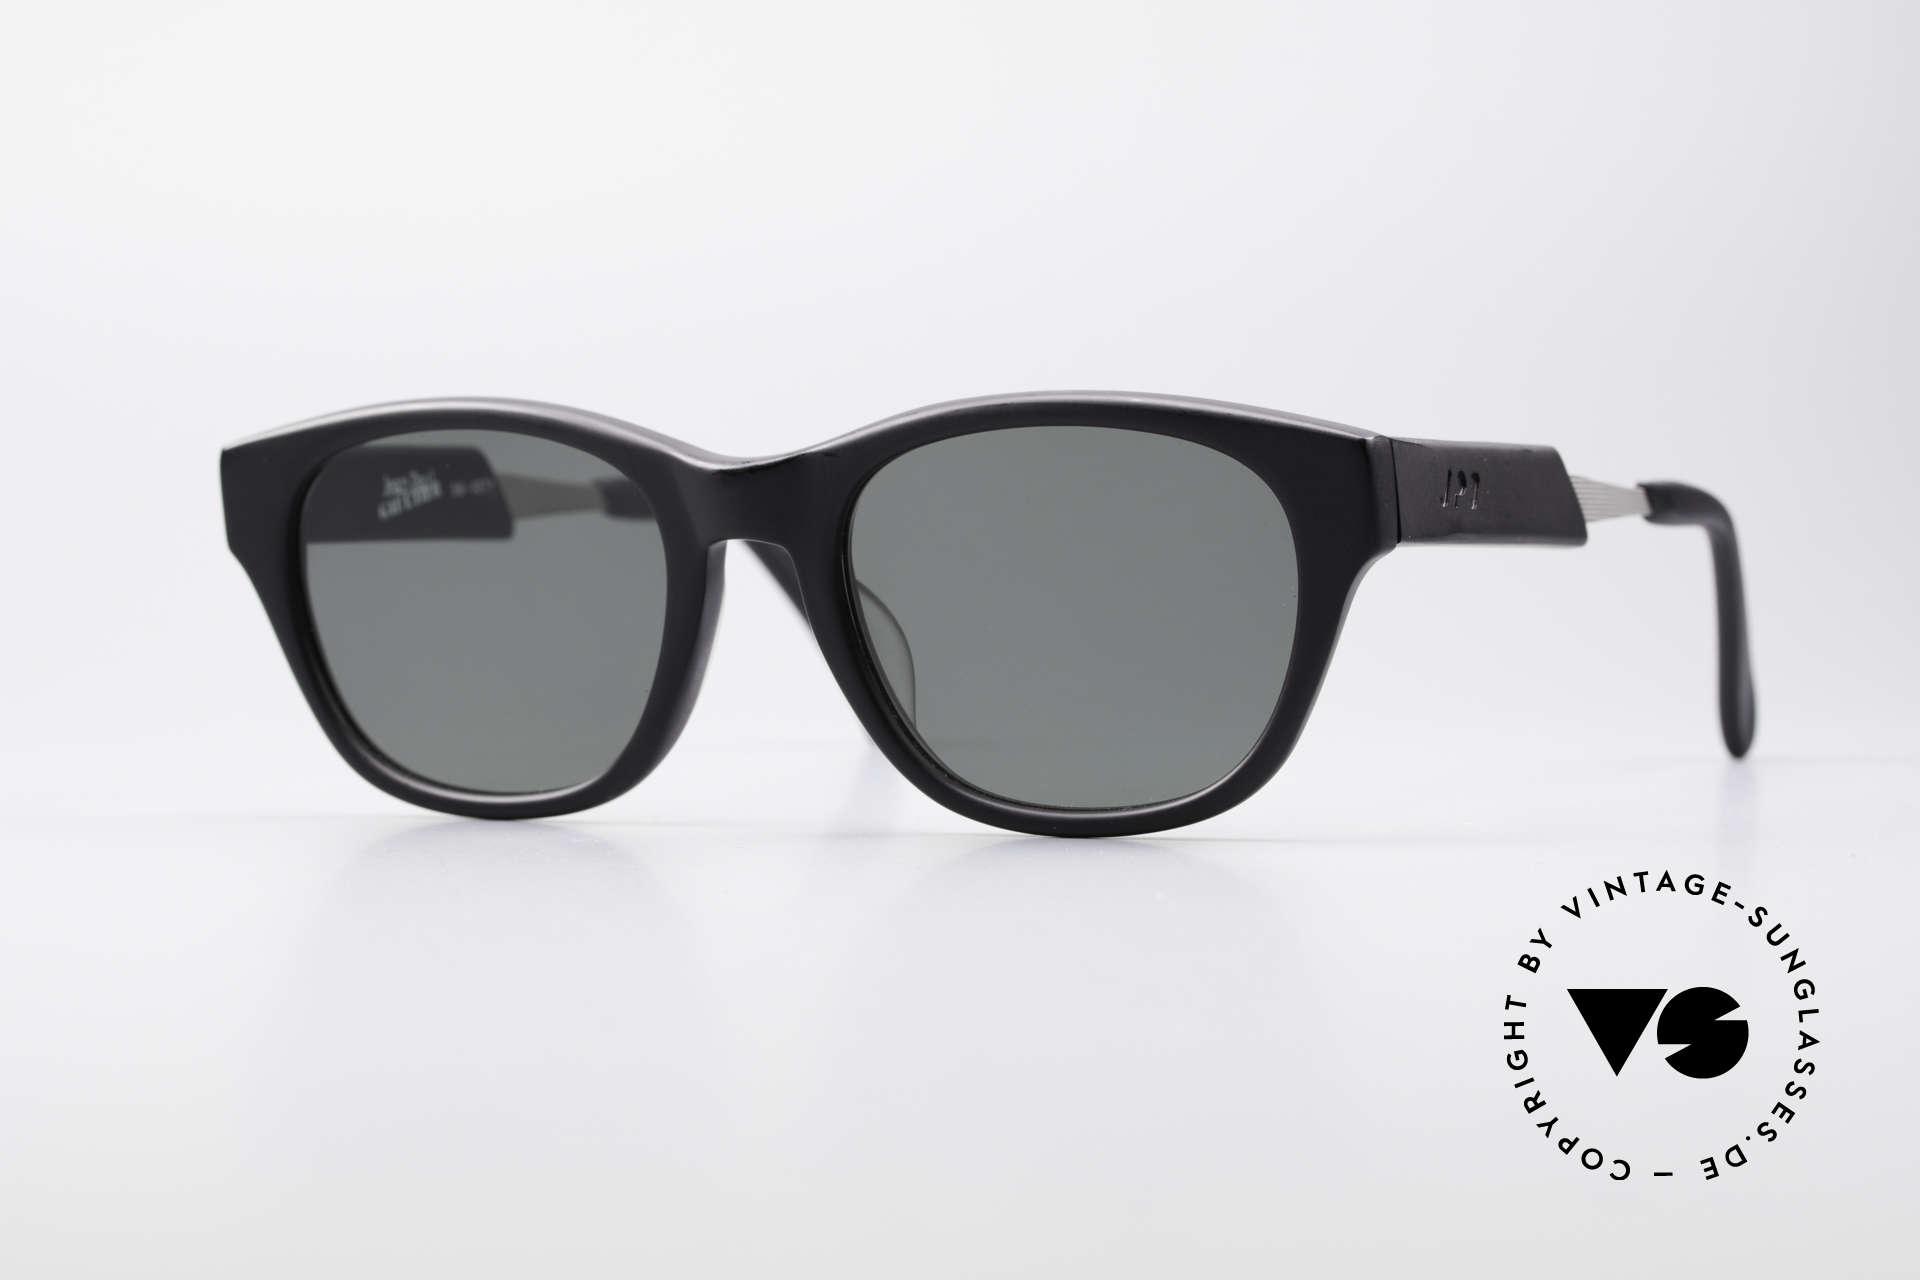 Jean Paul Gaultier 56-1071 Designer Vintage Sonnenbrille, 90er Jahre Jean Paul Gaultier Designer-Sonnenbrille, Passend für Herren und Damen